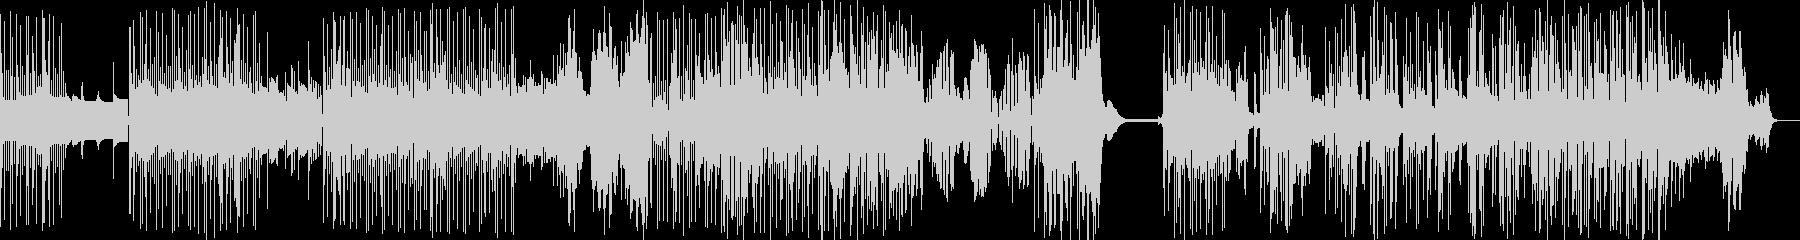 ゆったりと揺れるカリンバ・ダブの未再生の波形